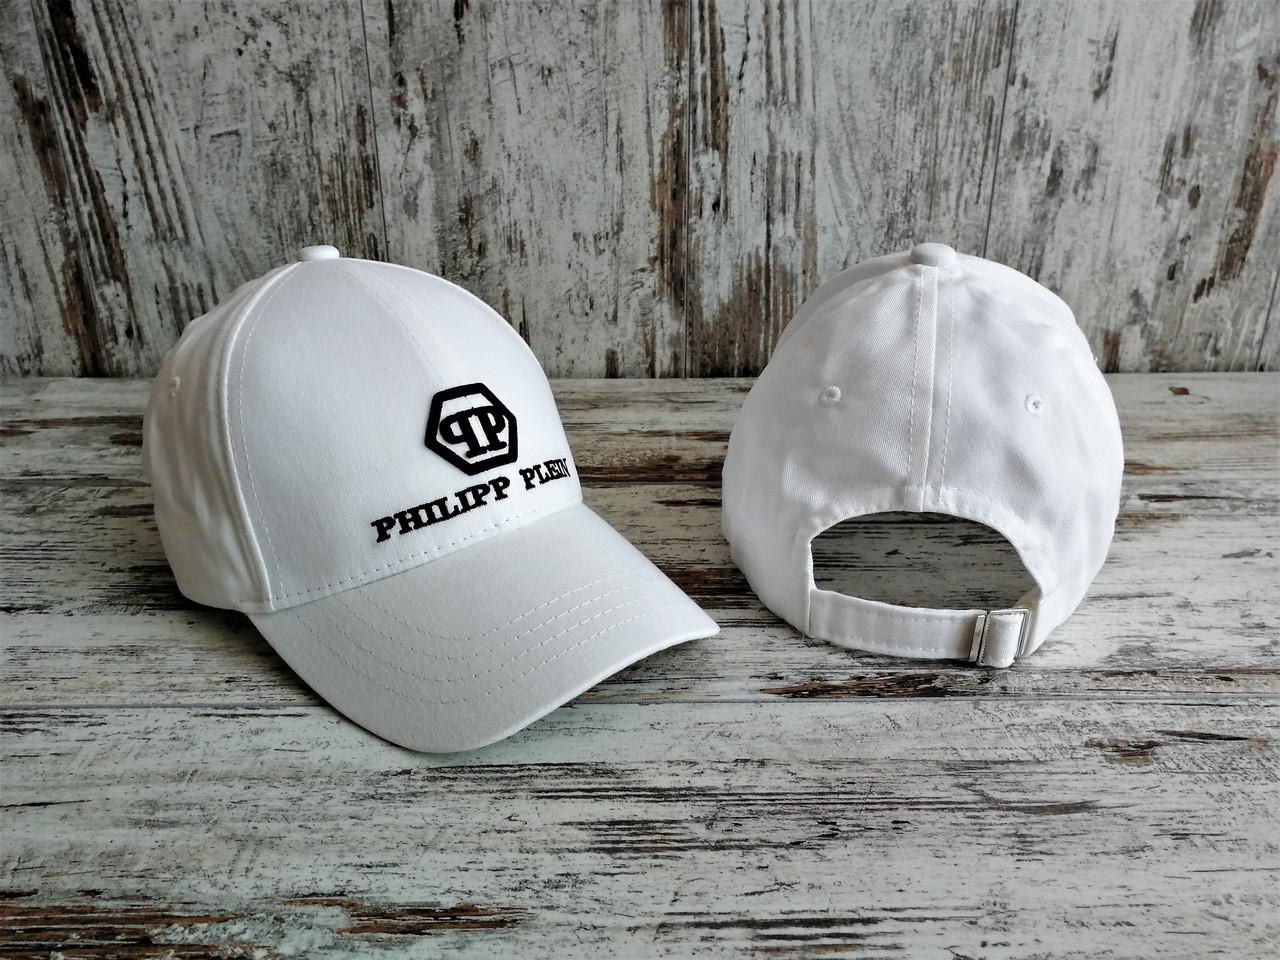 Мужская кепка Филип Плейн Phlipp Plein пятиклинка белая (реплика)